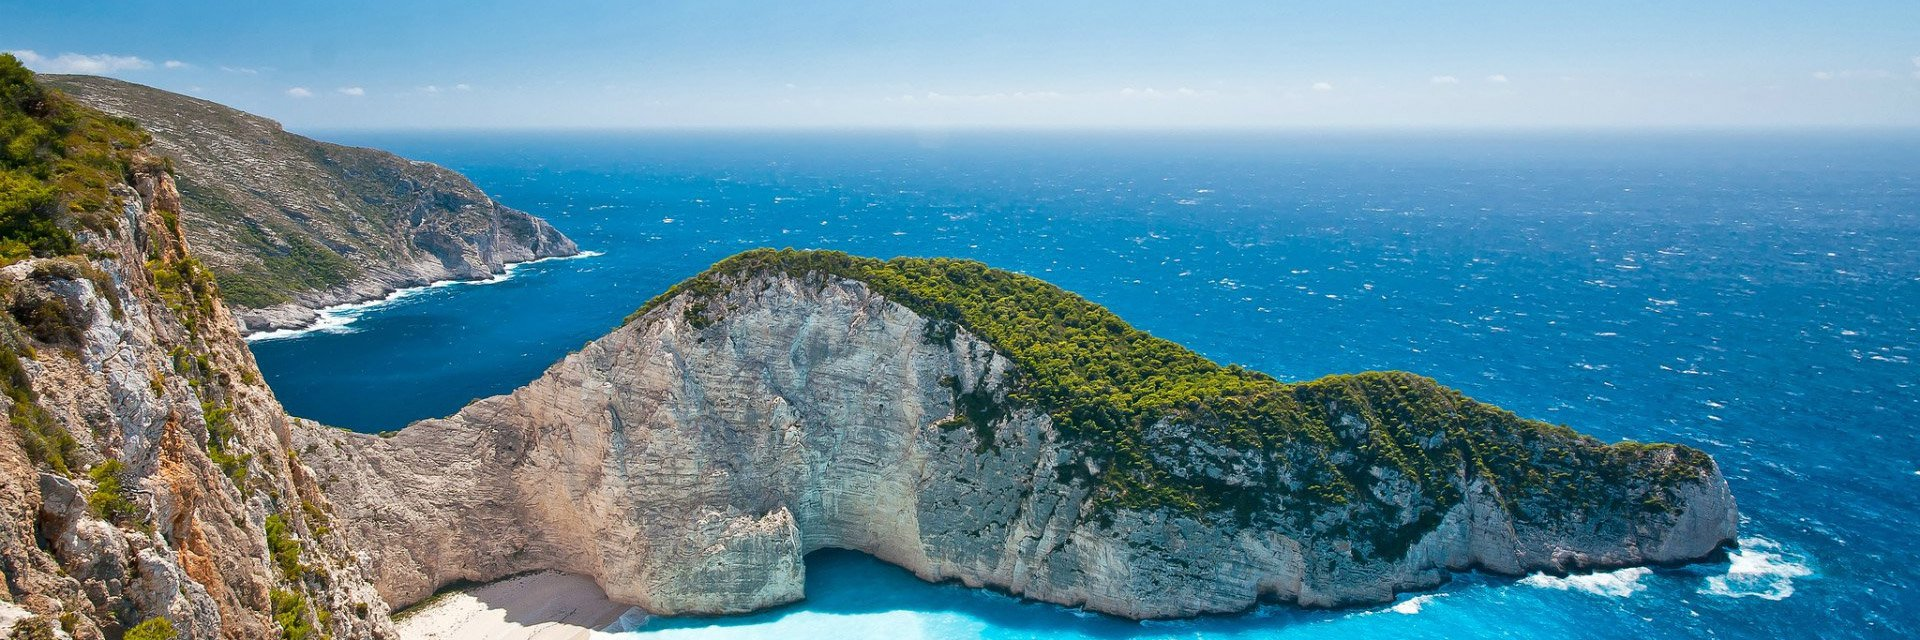 Туры в Турцию 2021, путевки из Москвы - цены на отдых в Турции - ПАКС